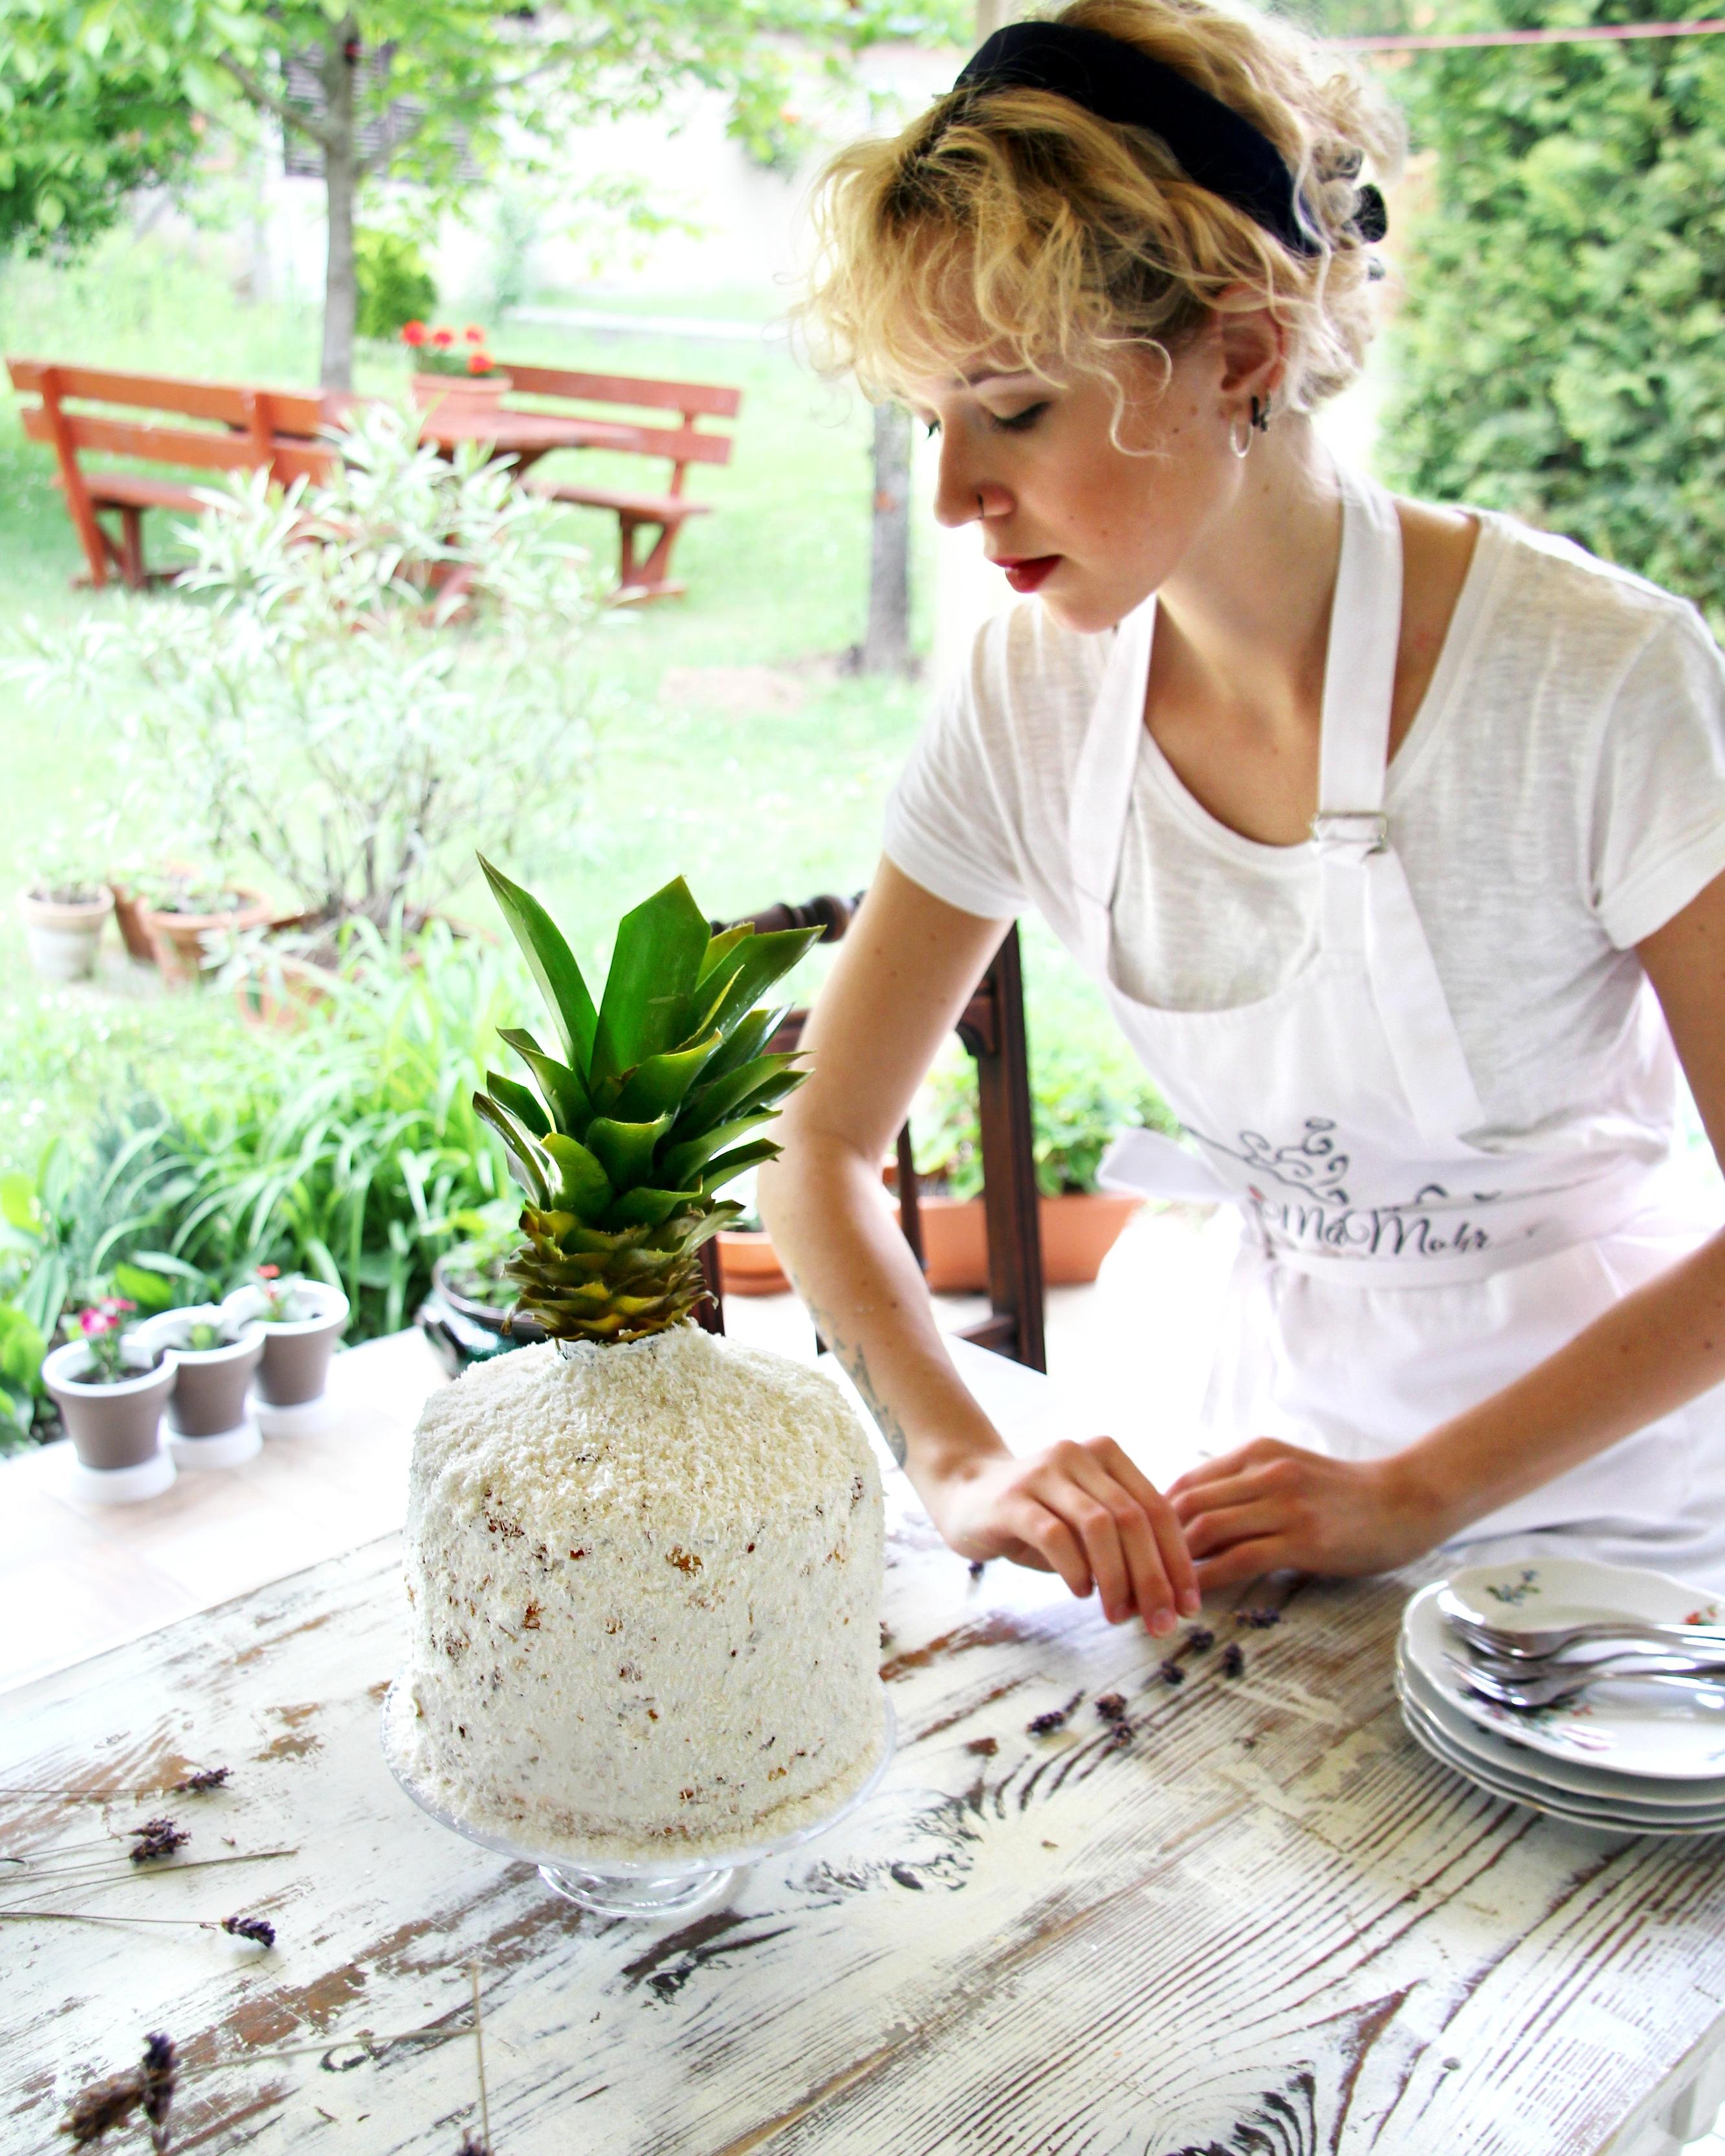 Süti MáMohr cake